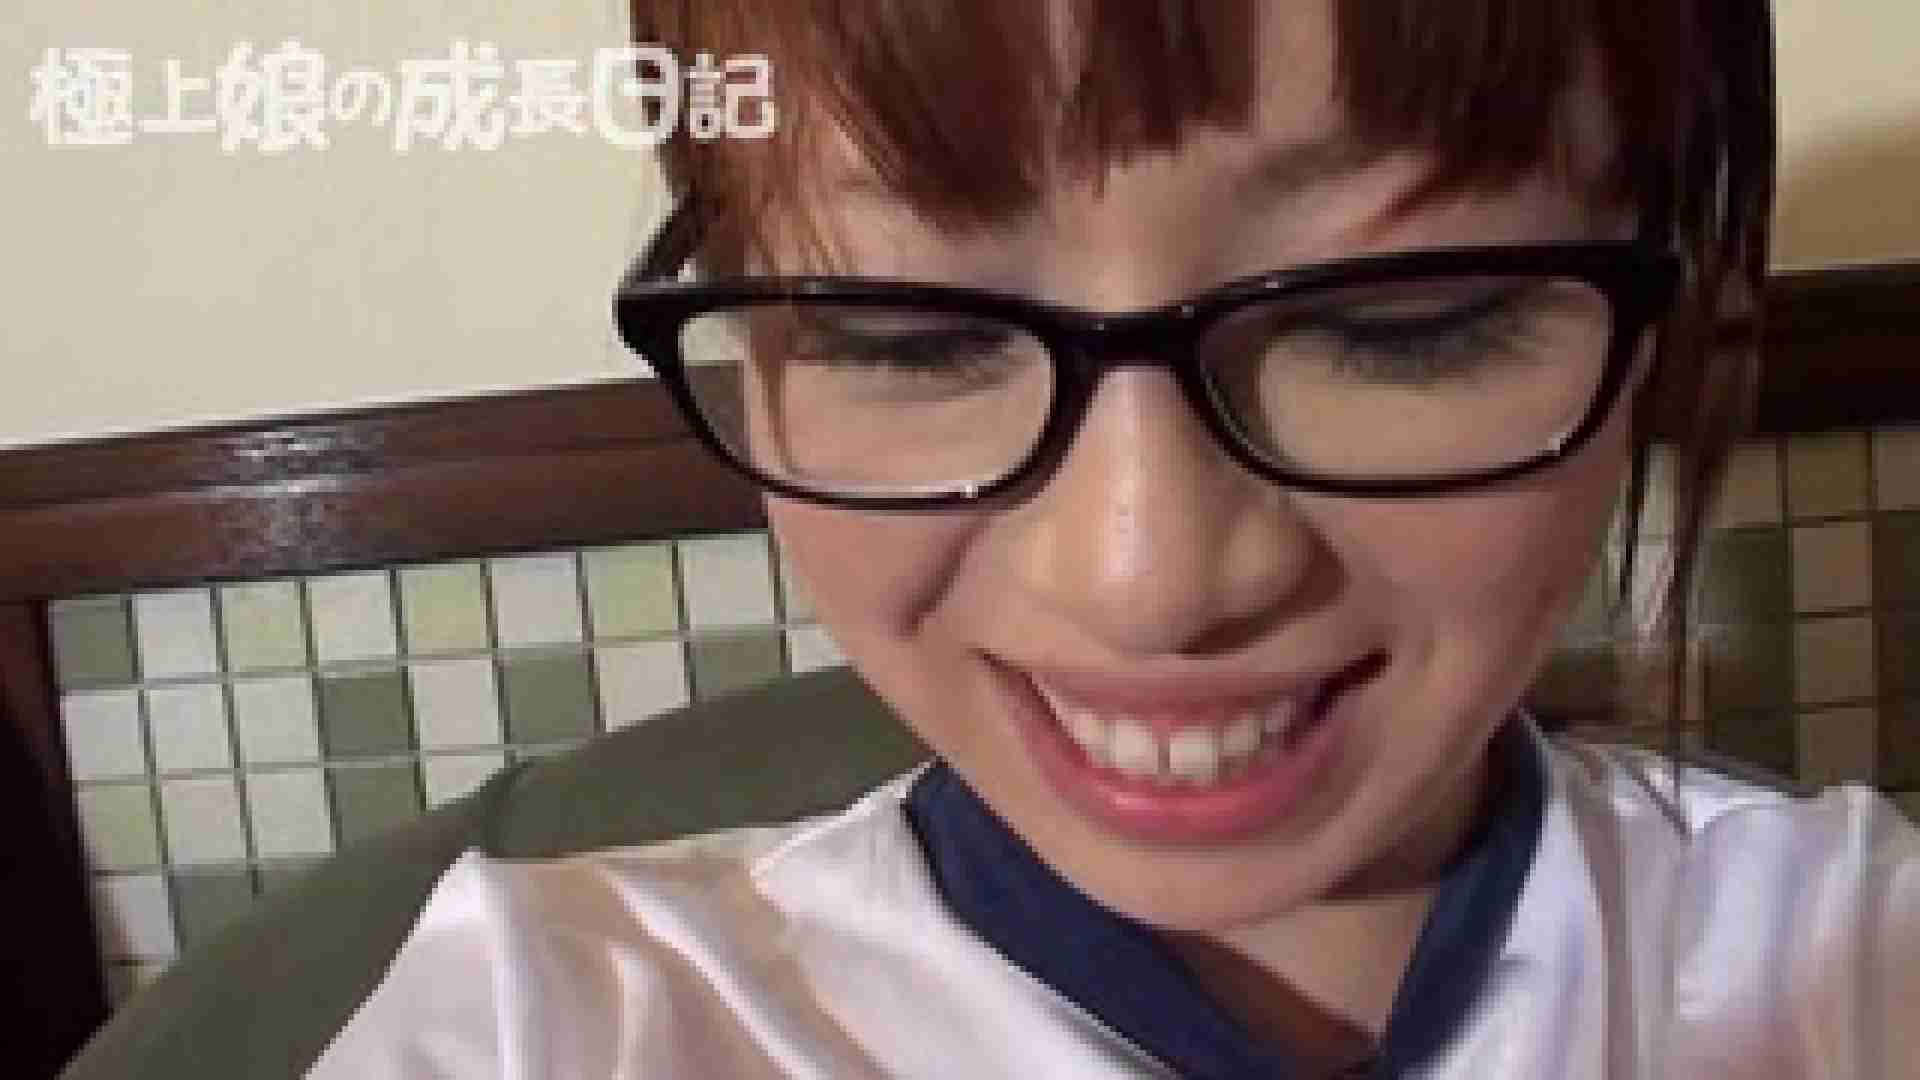 極上素人嬢の成長日記 コスプレハメ撮りブルマ編 一般投稿  110pic 63